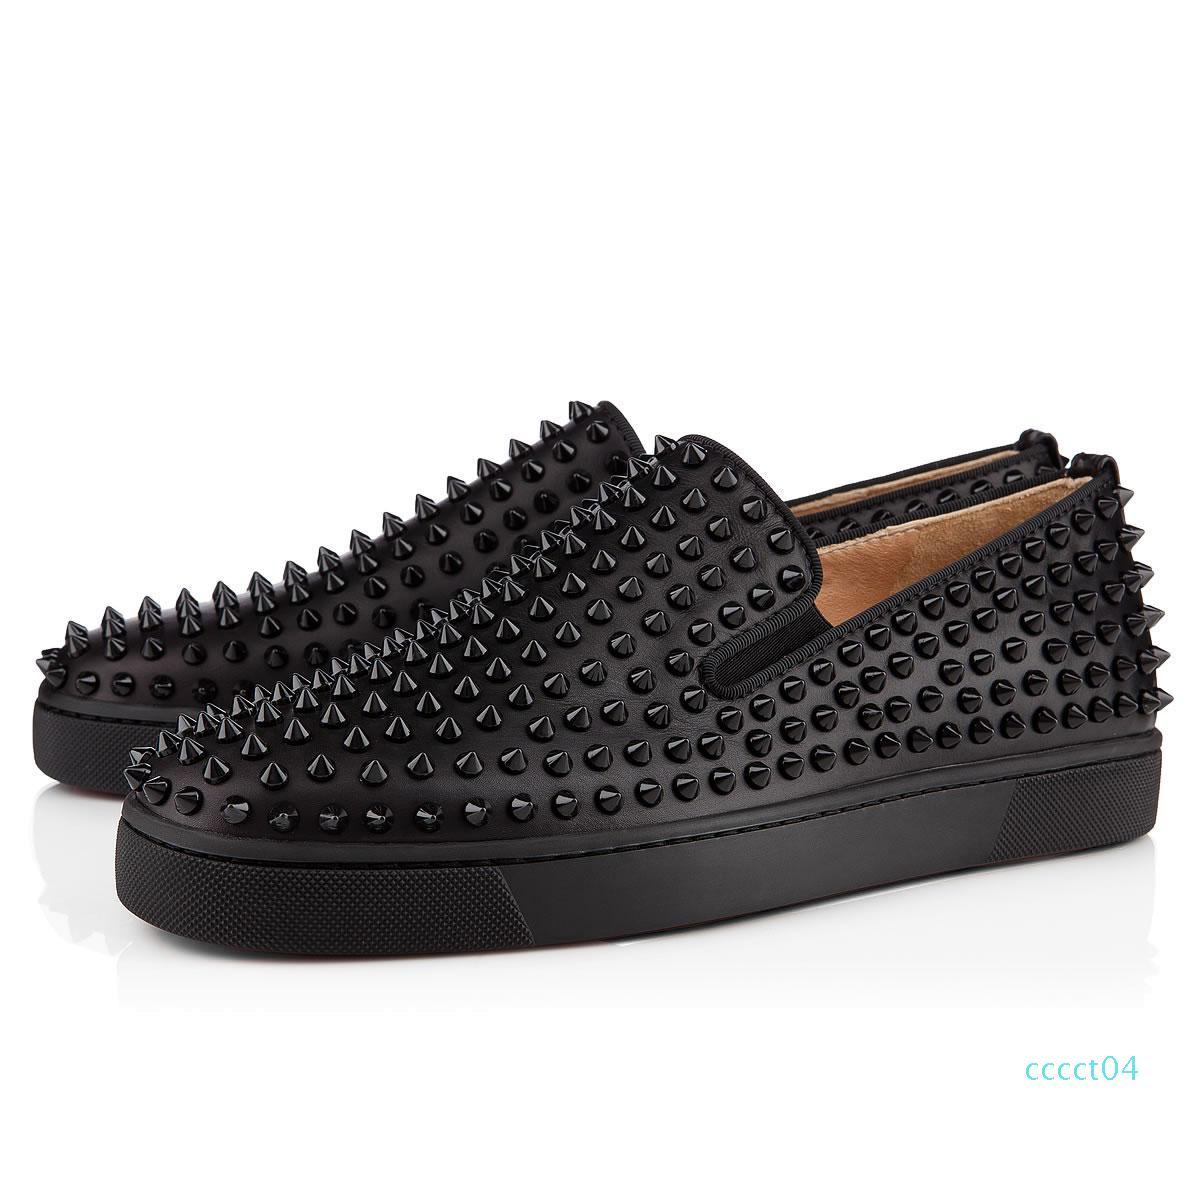 2019 nuevos zapatos de diseñador tachonado Spikes los planos rojos con fondo plano zapatos para hombre de los amantes del partido de las mujeres del cuero genuino tamaño de las zapatillas de deporte 36-46 ct4